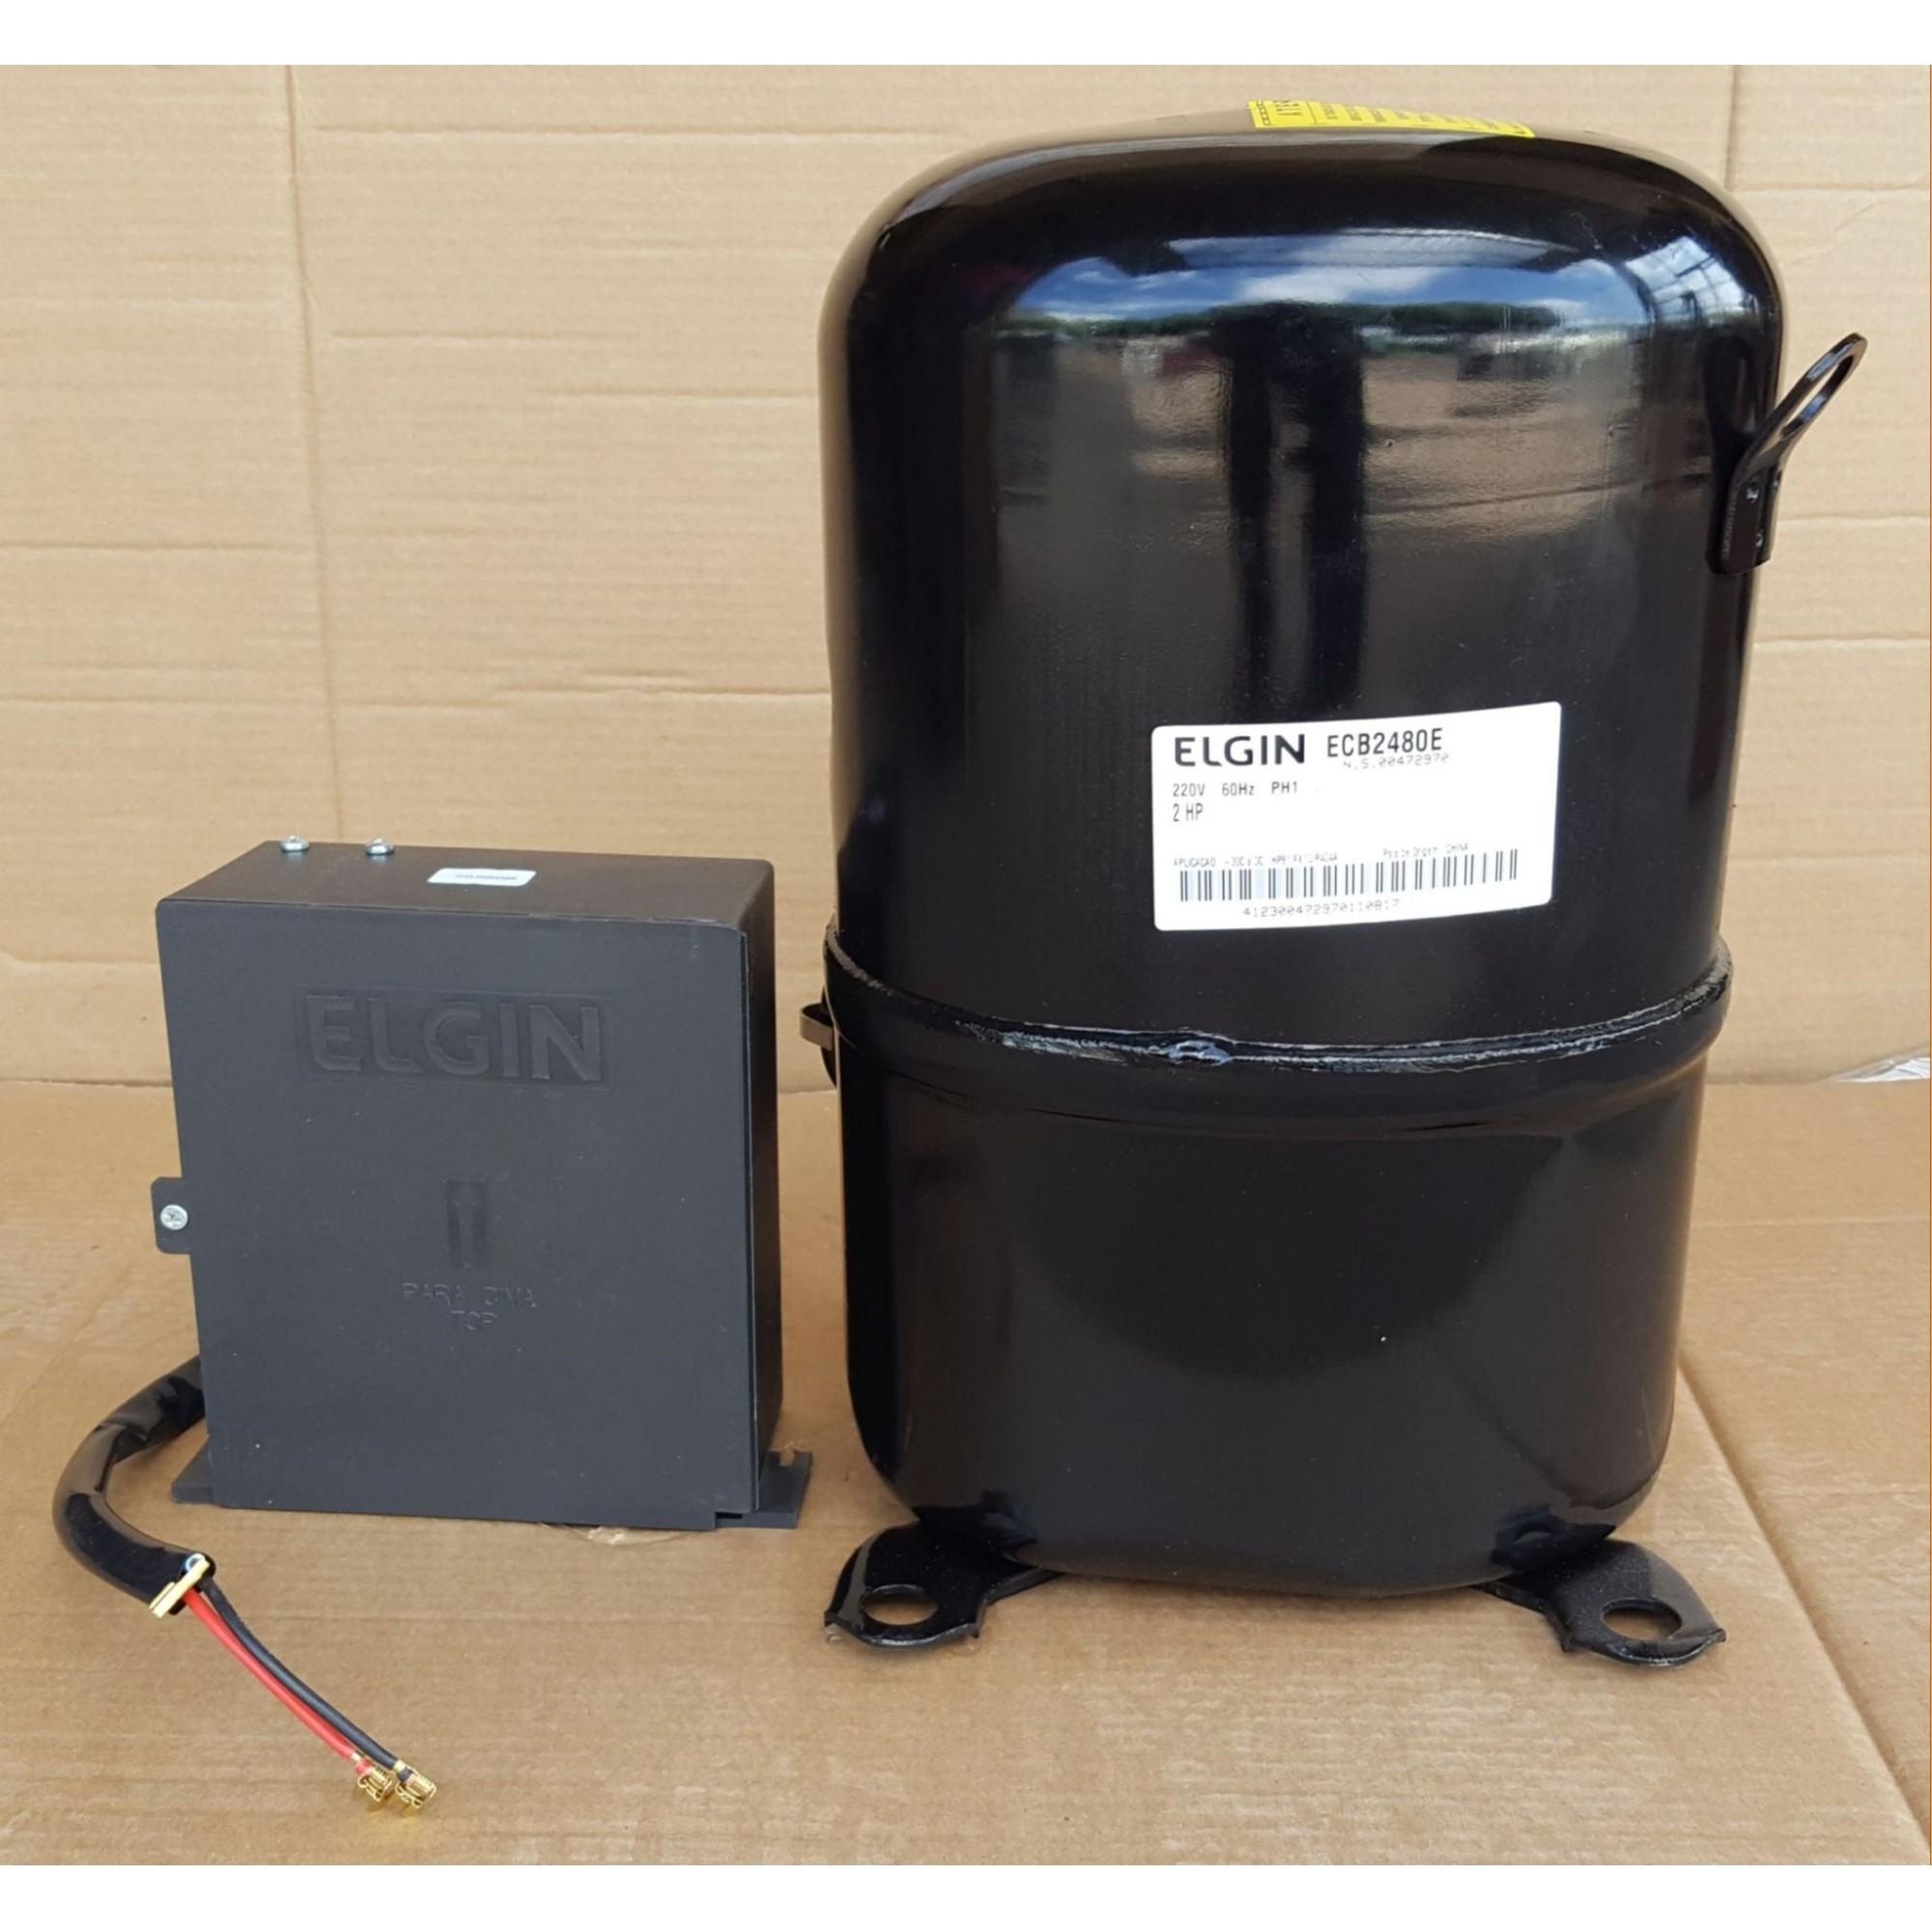 COMPRESSOR ELGIN 2 HP - ECB-2480-E - R404A (380v) - (FRETE GRÁTIS)